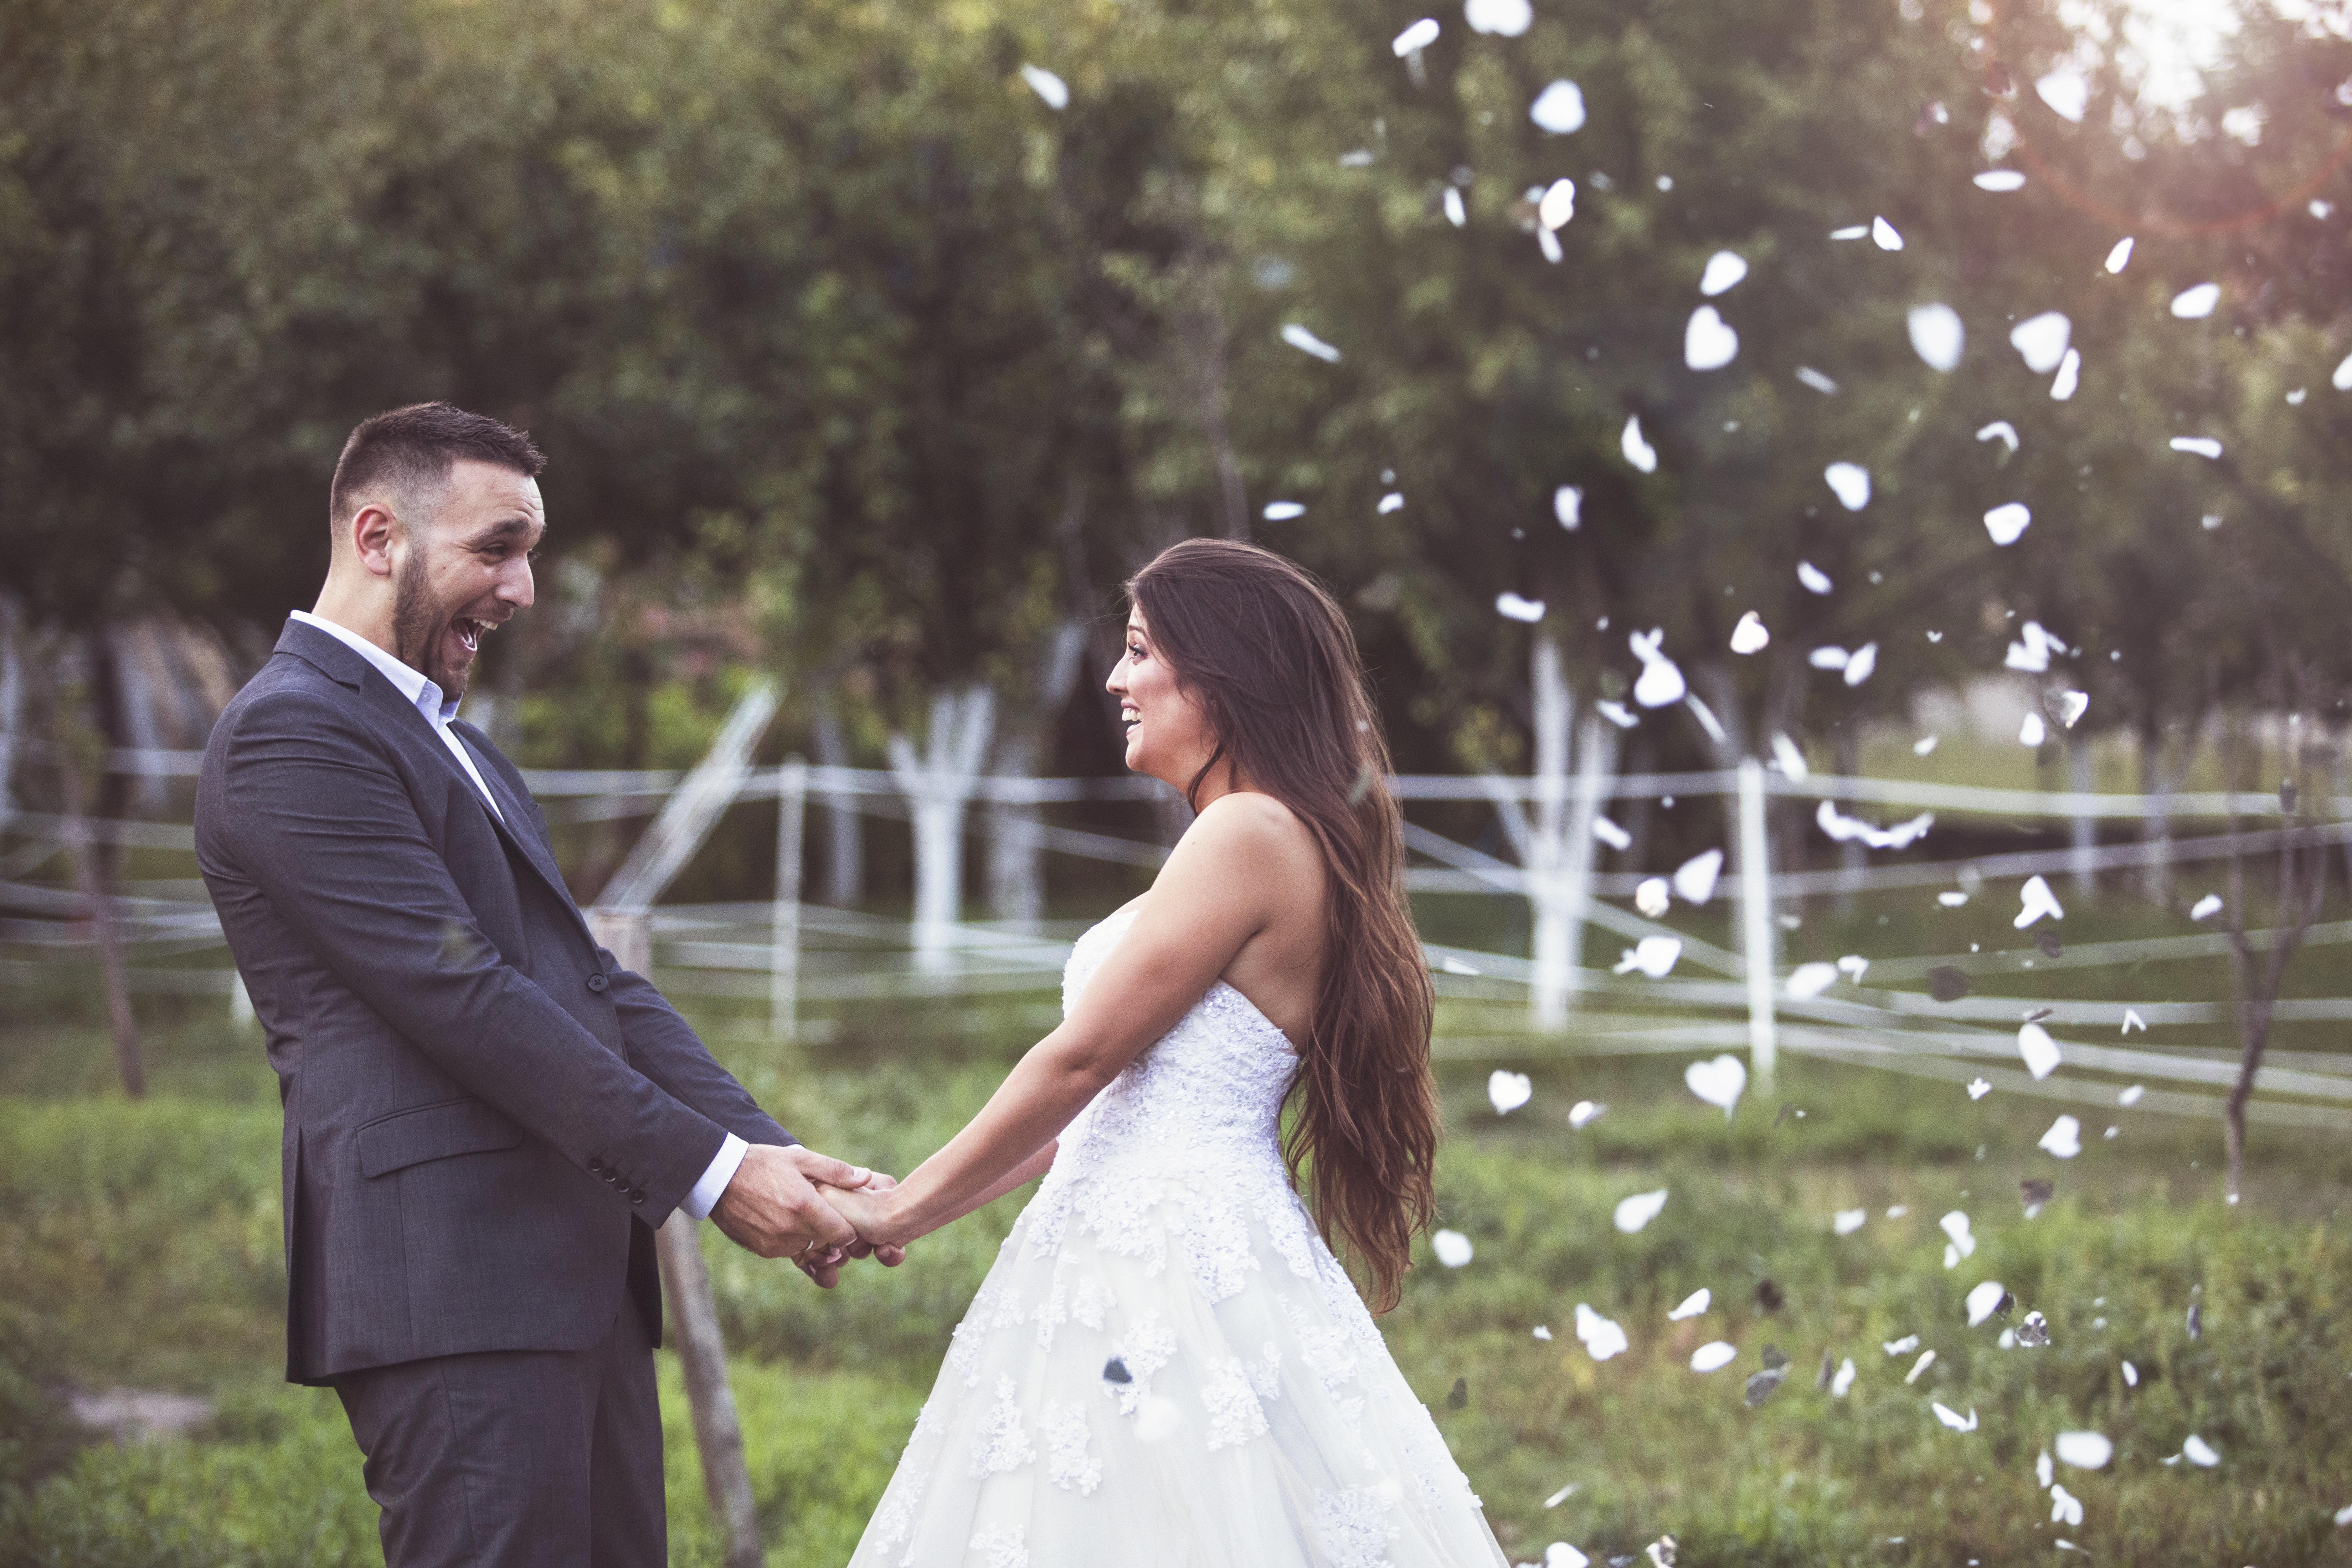 Braut erwartet Traum-Hochzeit: Den schönsten Tag des Lebens erlebt eine